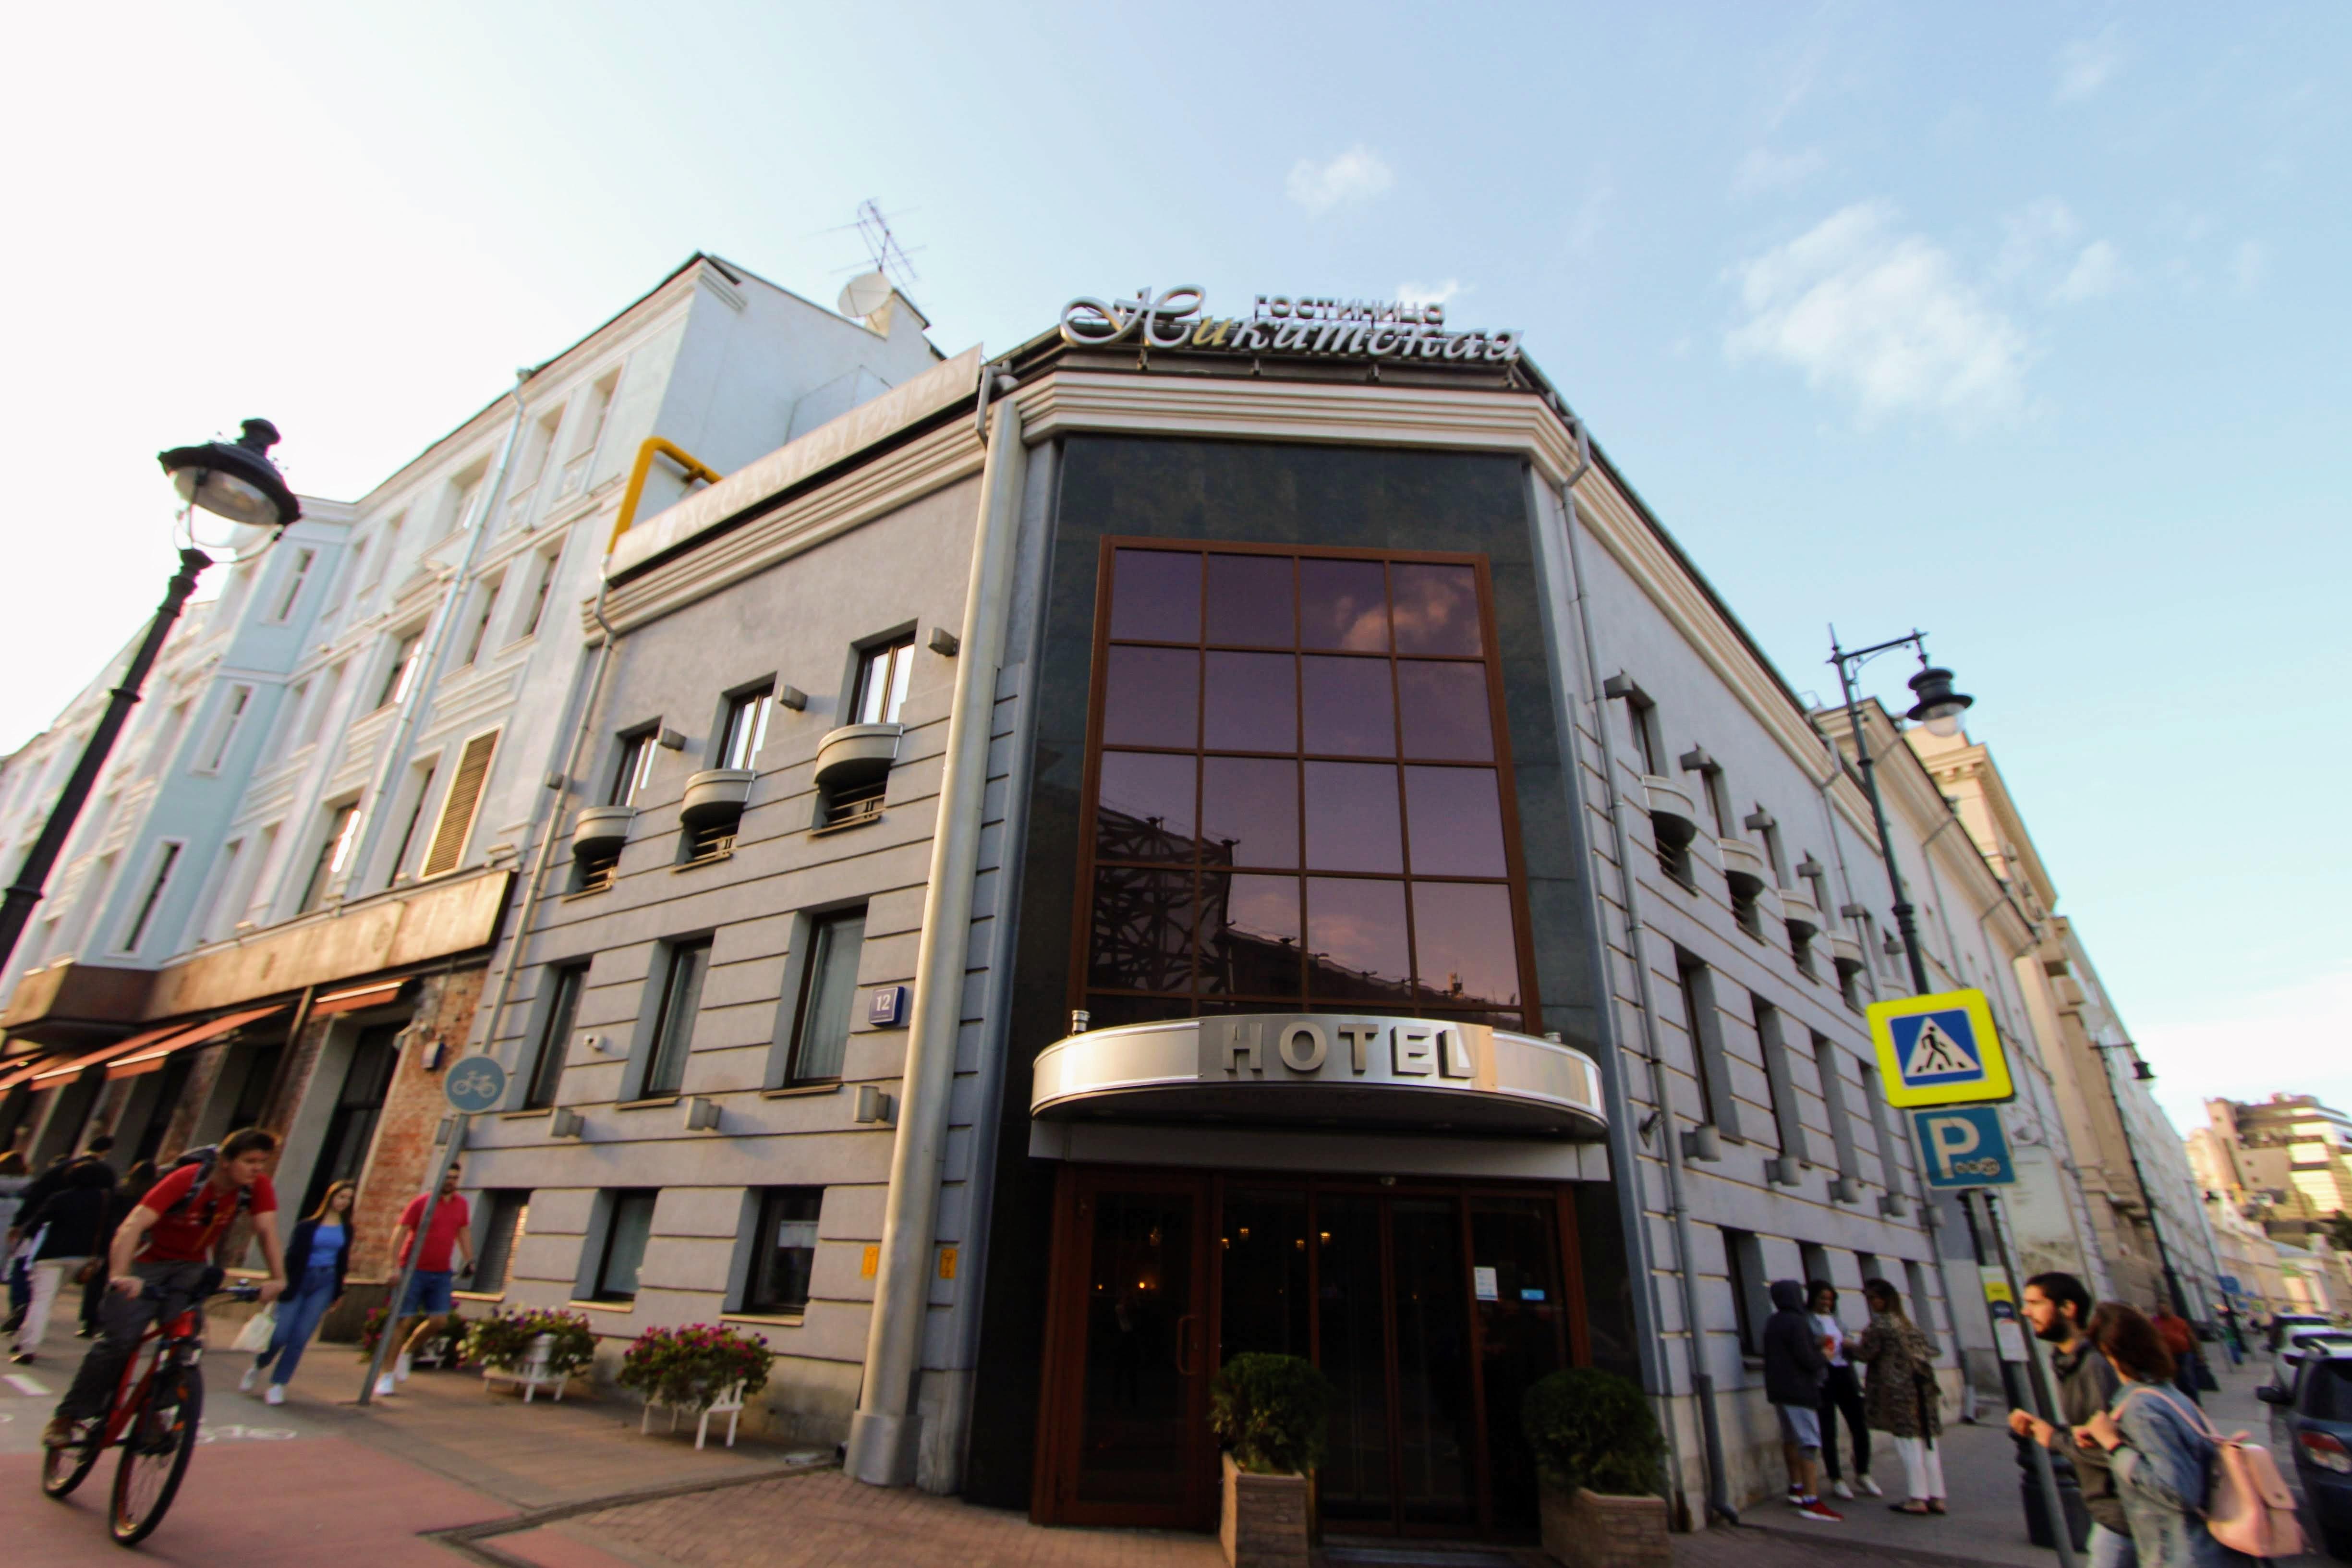 アサンブレイアニキツカヤホテル:クレムリンまで徒歩5分(モスクワ)